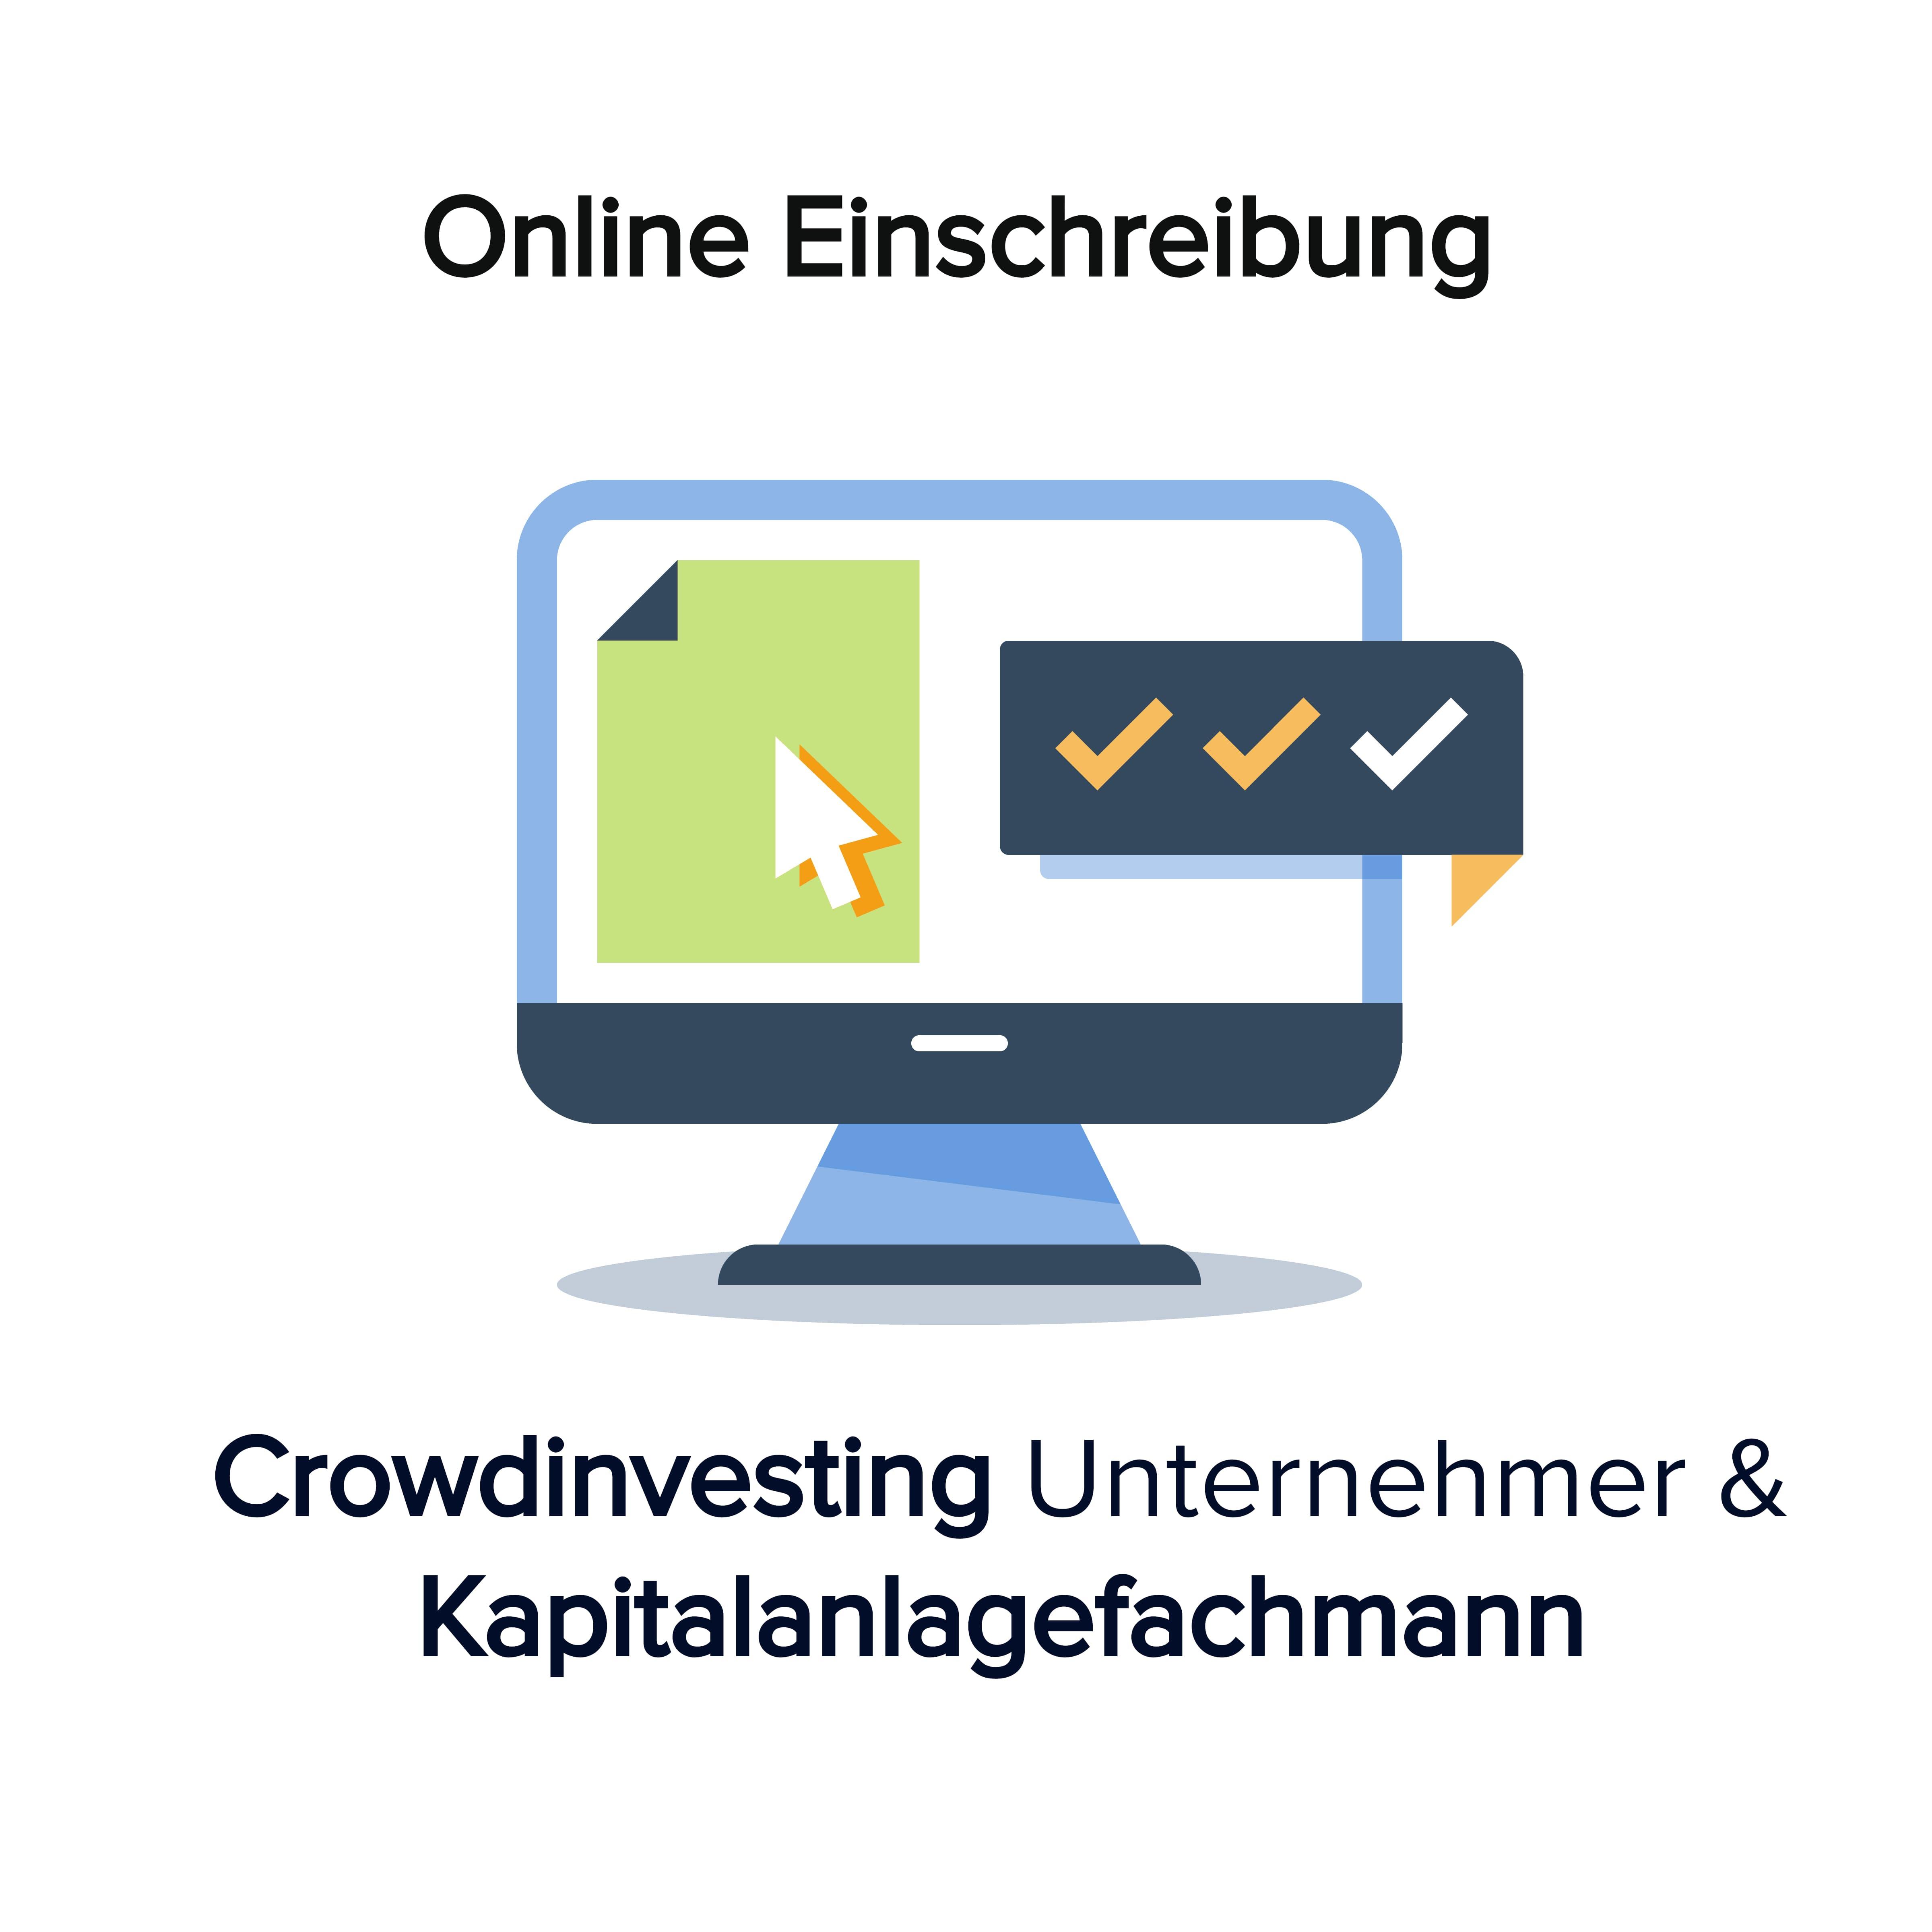 Online Kurs Einschreiben Crowdinvesting Kapitalanlagefachmann